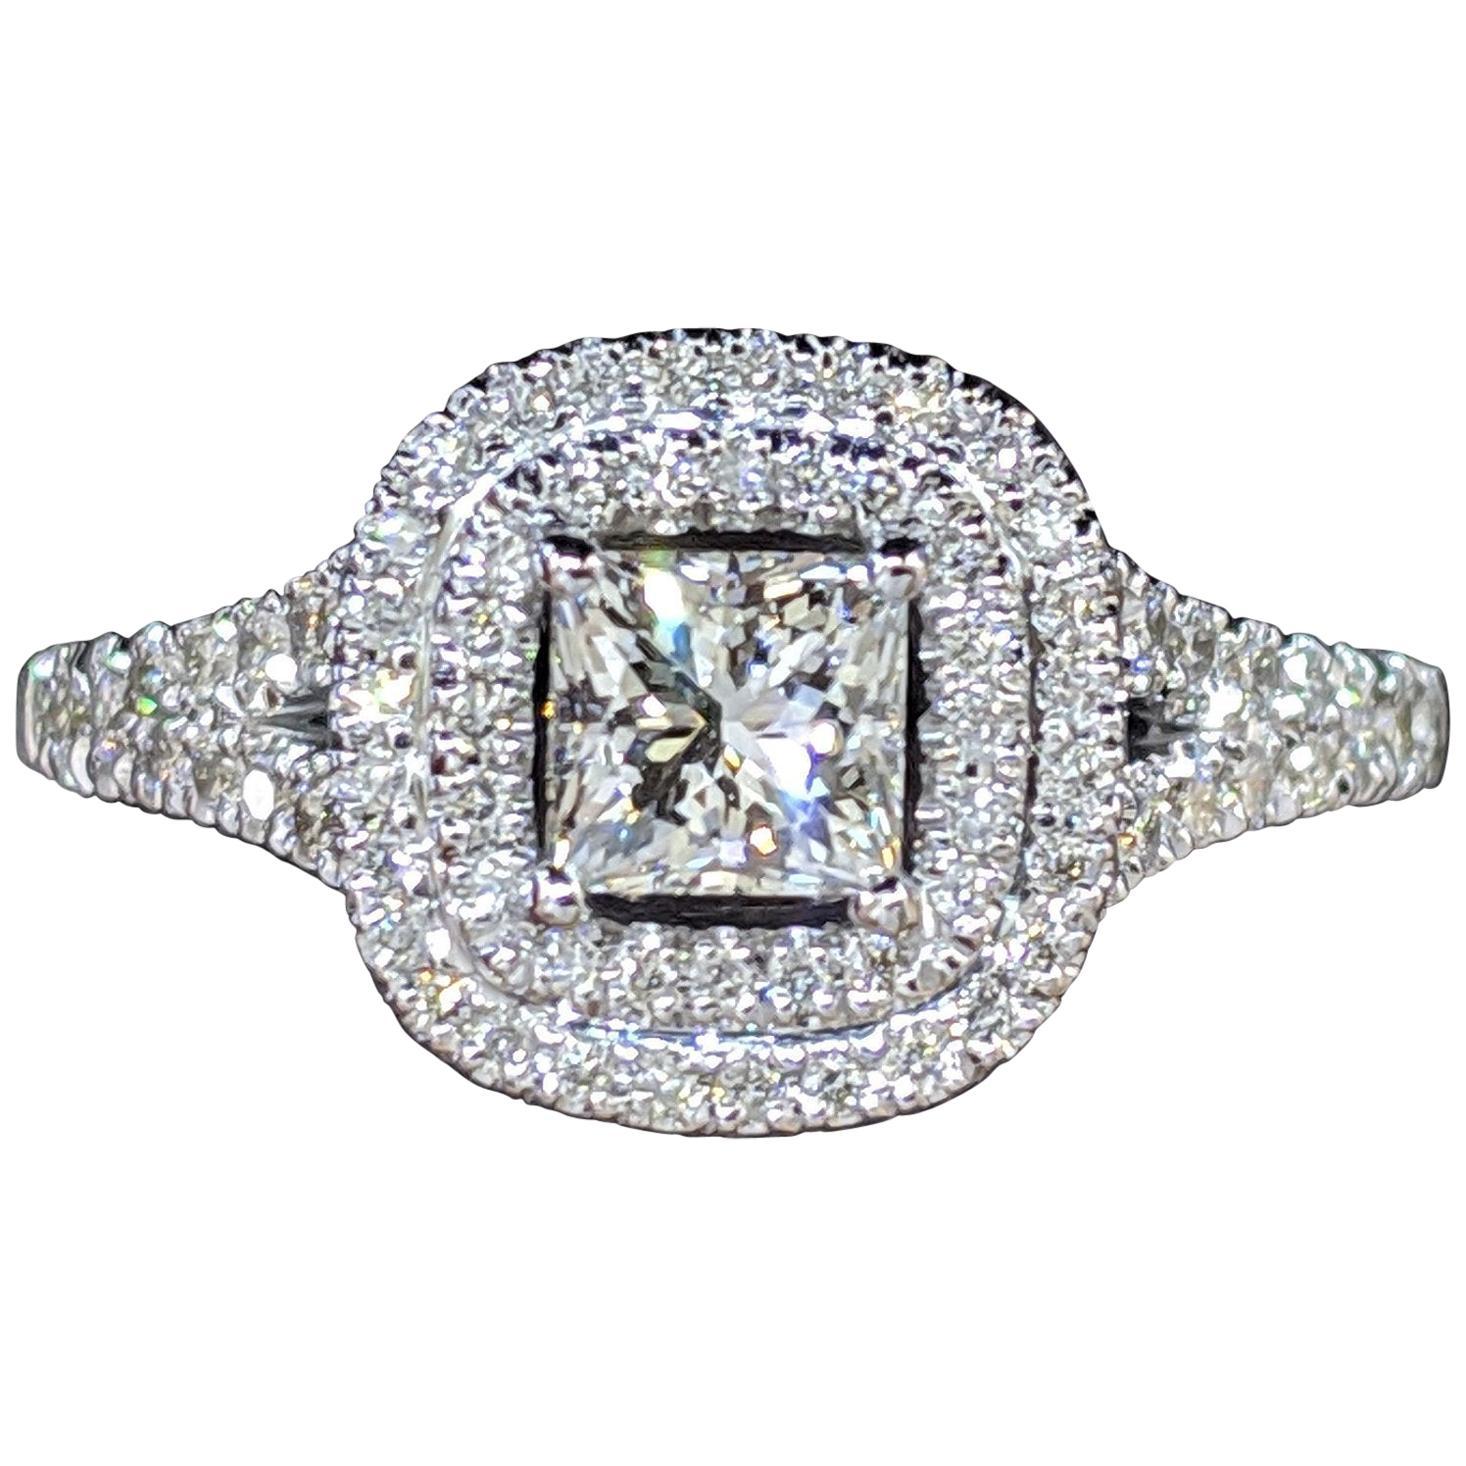 GIA Certified 1 1/2 Carat 14 Karat White Gold Princess Diamond Engagement Ring